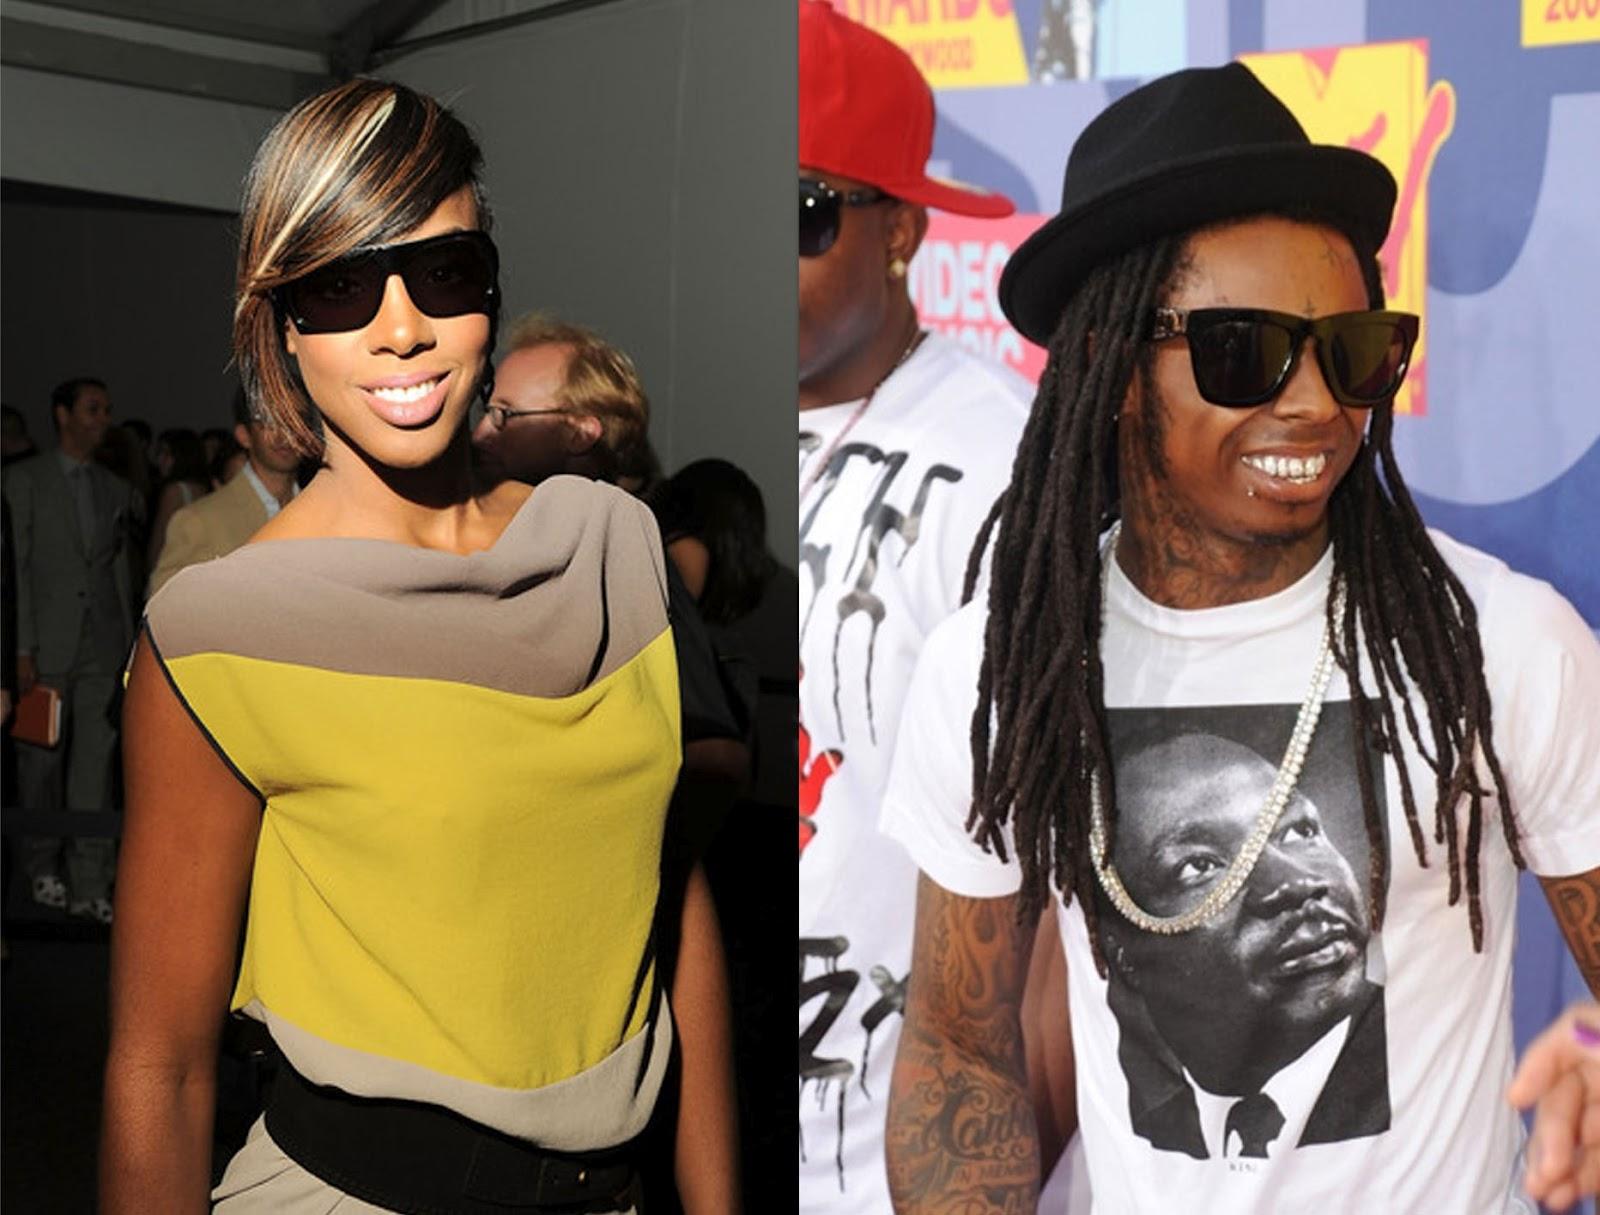 http://1.bp.blogspot.com/-36W72wldU5Q/T-zEY1h4A2I/AAAAAAAAH6w/IDA1xR4N-_8/s1600/Kelly-Rowland-and-Lil-Wayne.jpg